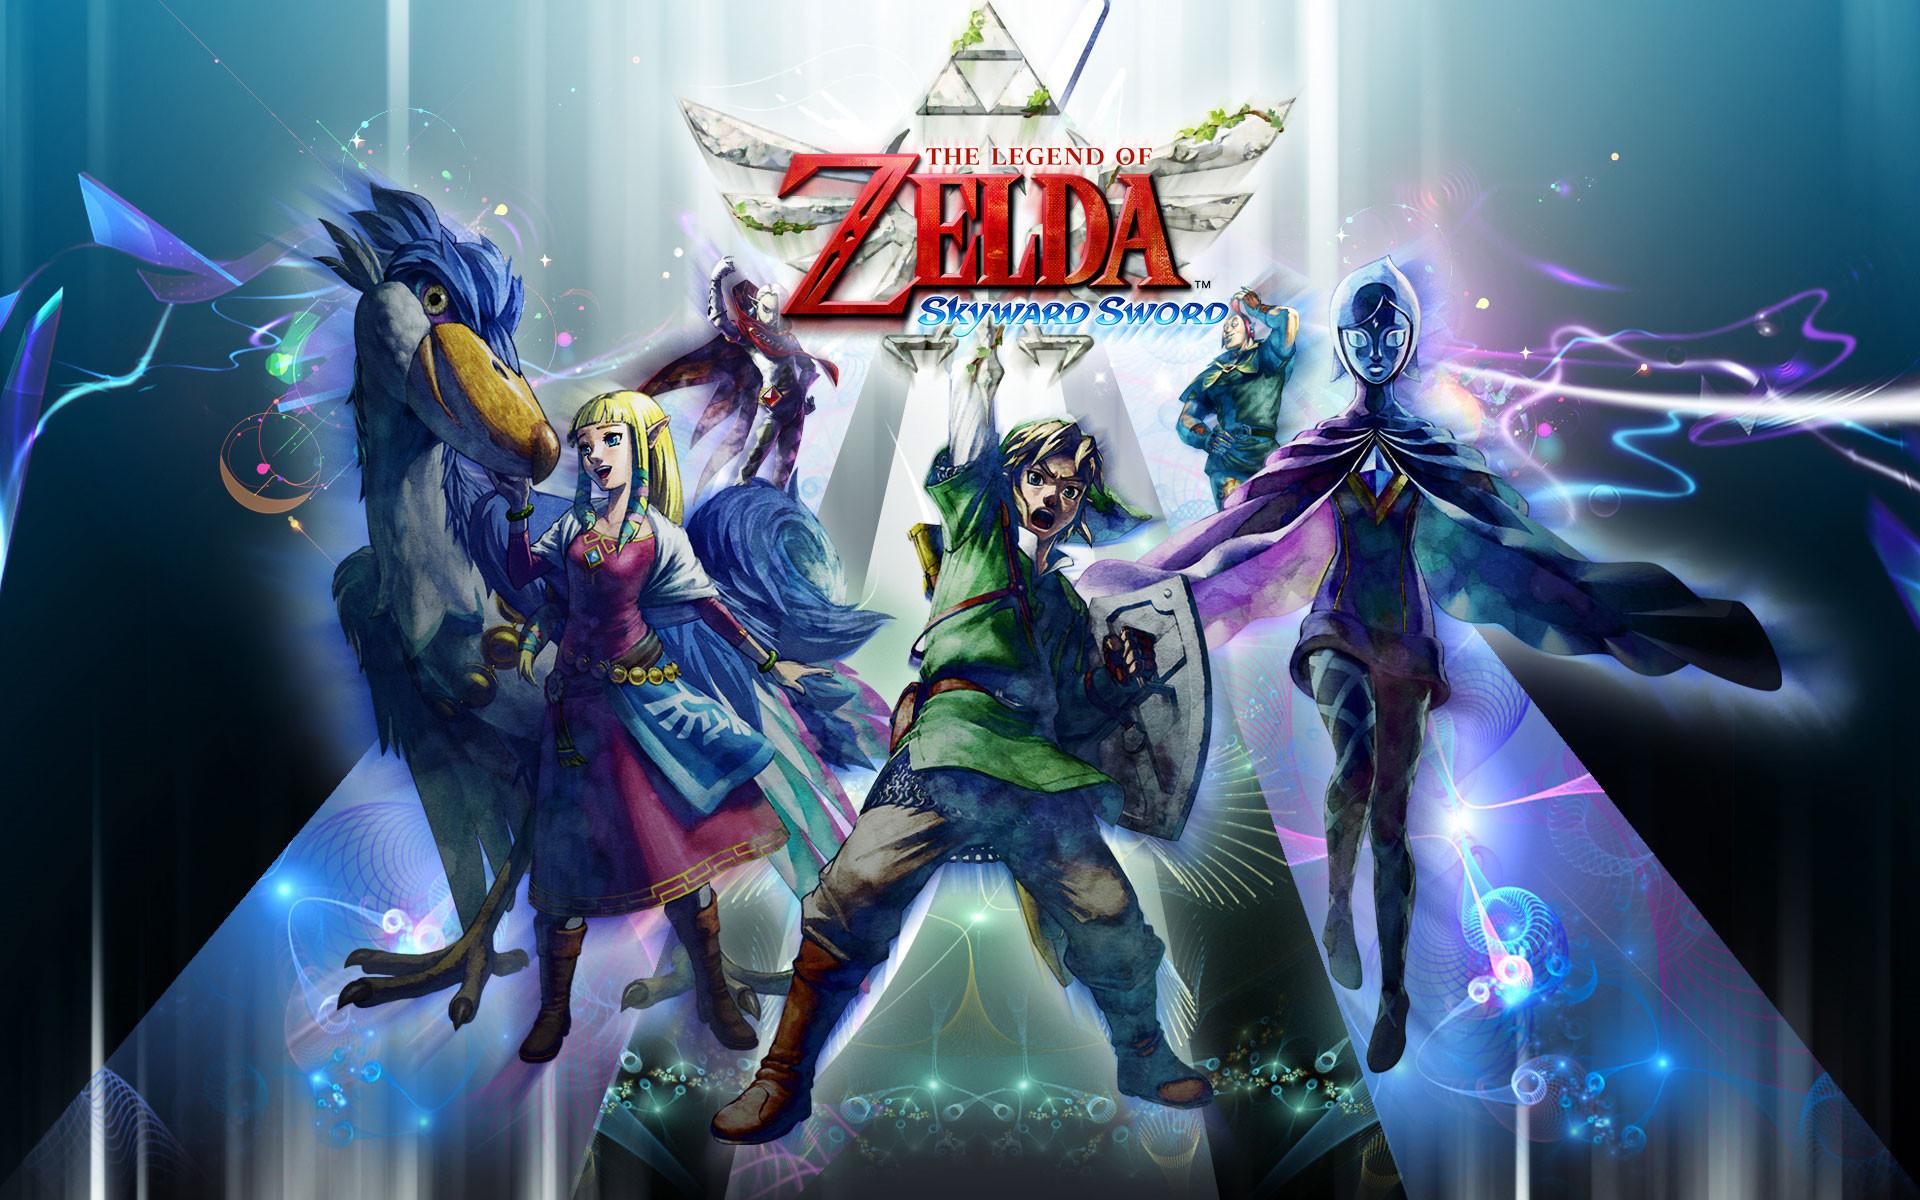 Legend Of Zelda Skyward Sword Wallpaper Wallpapertag